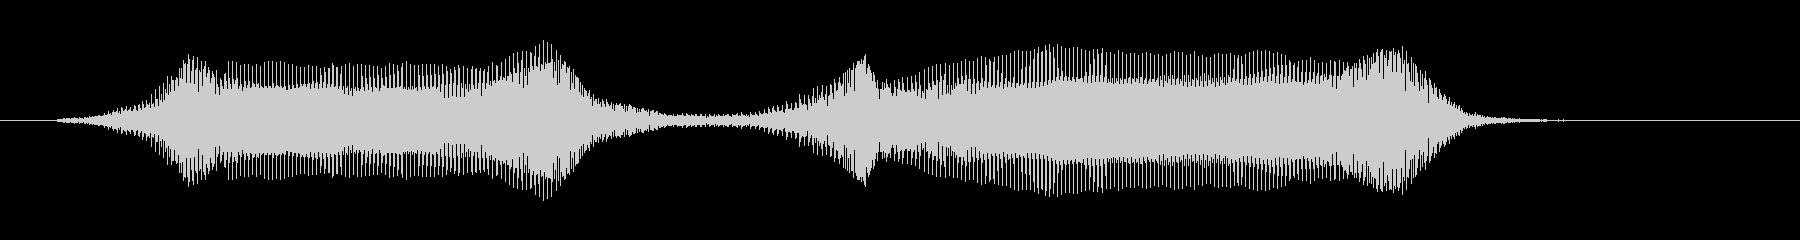 イェイ・イェイ! の未再生の波形